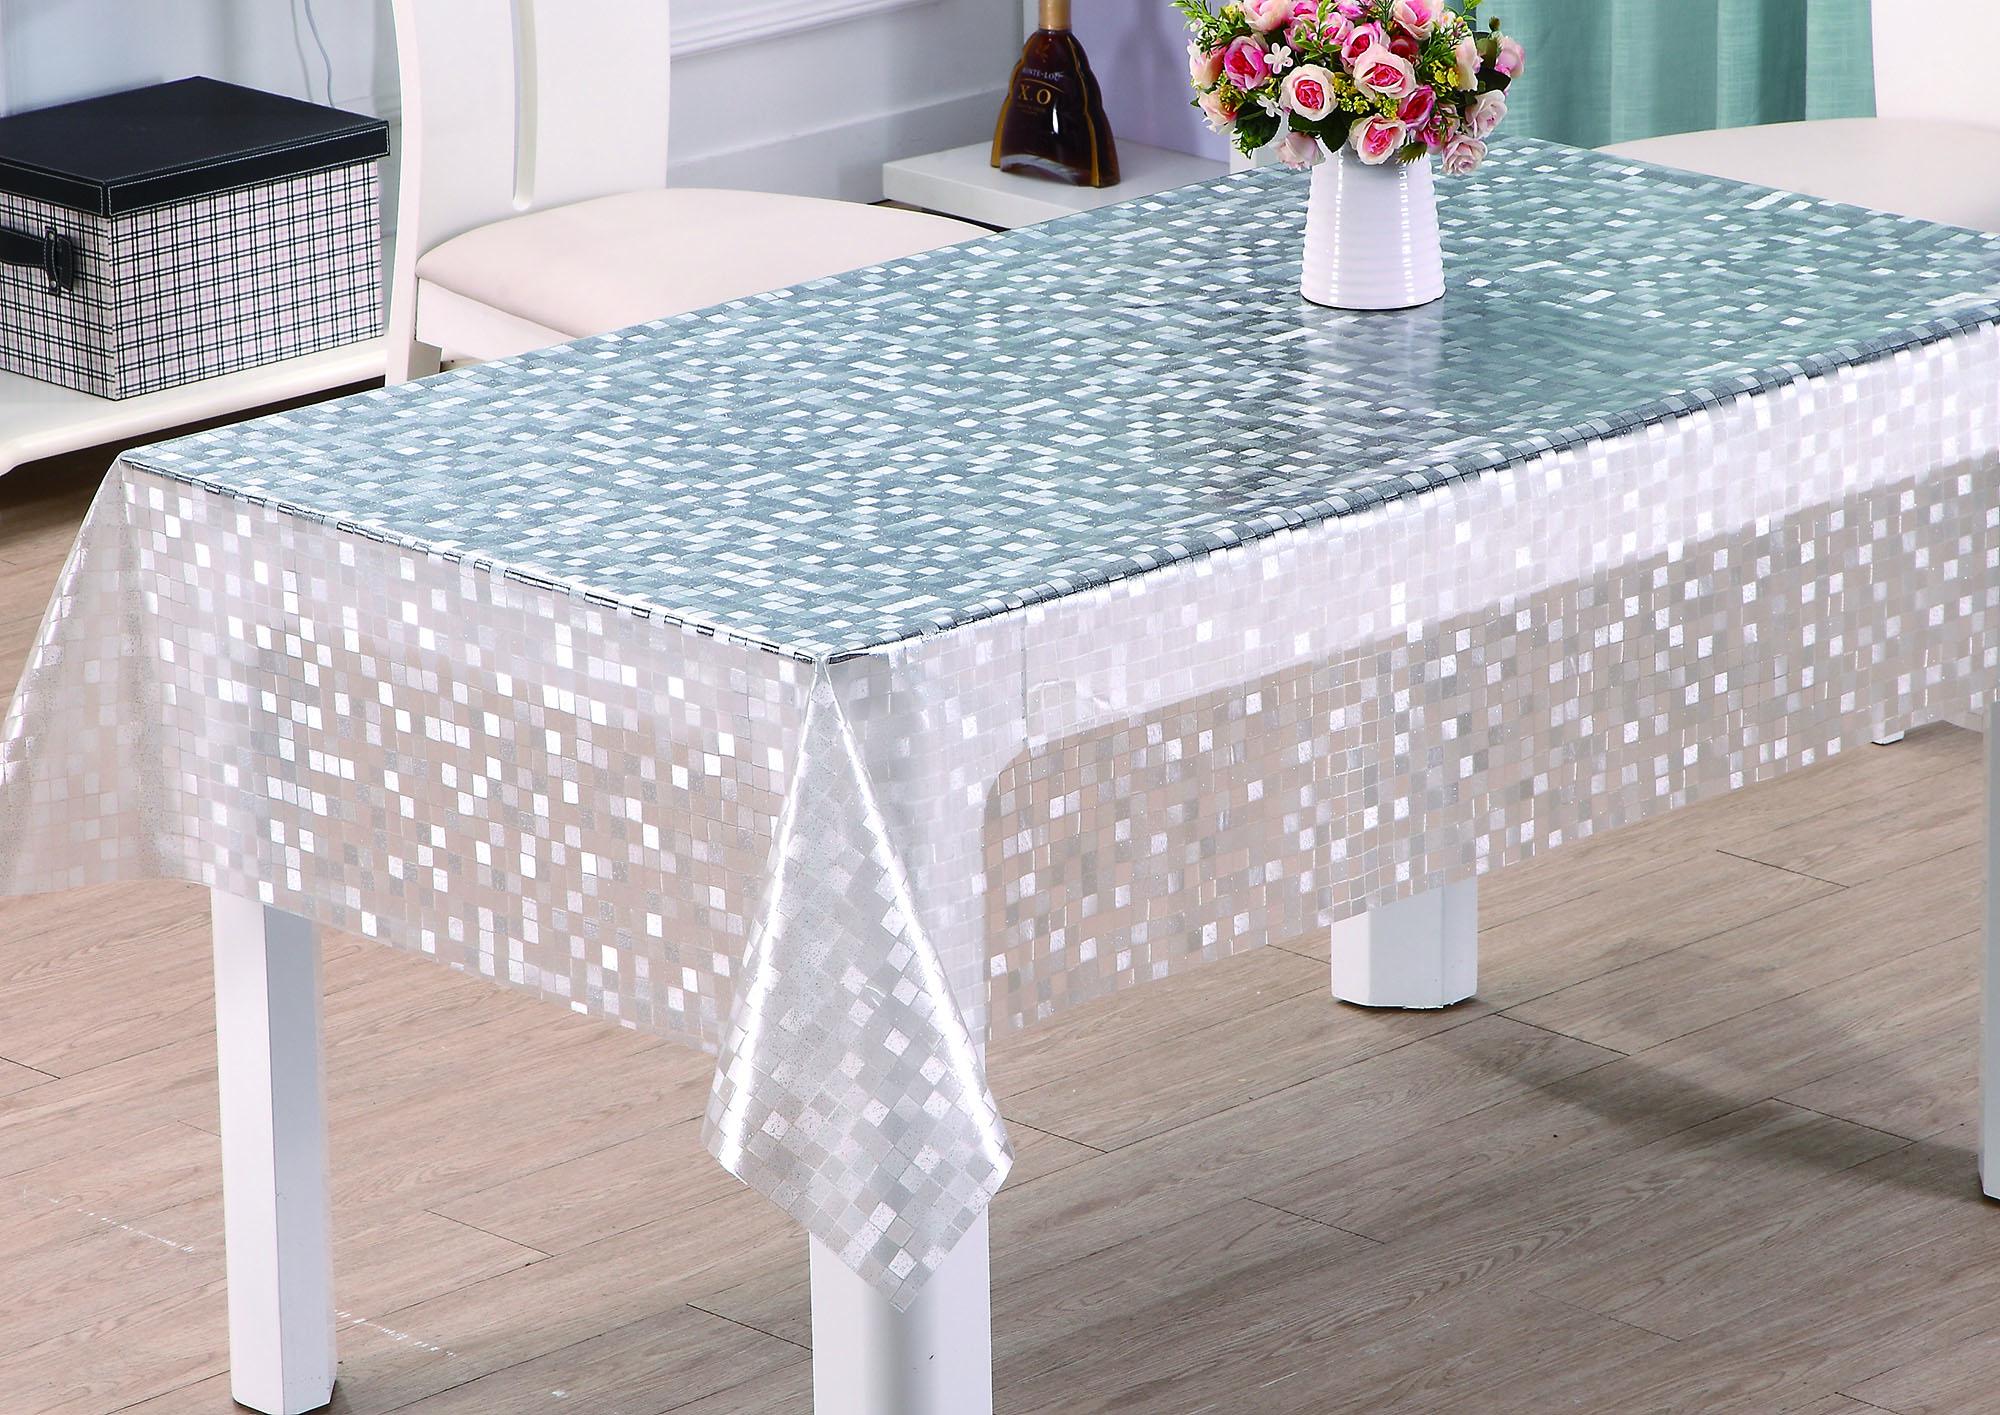 Прозрачная скатерть на столе